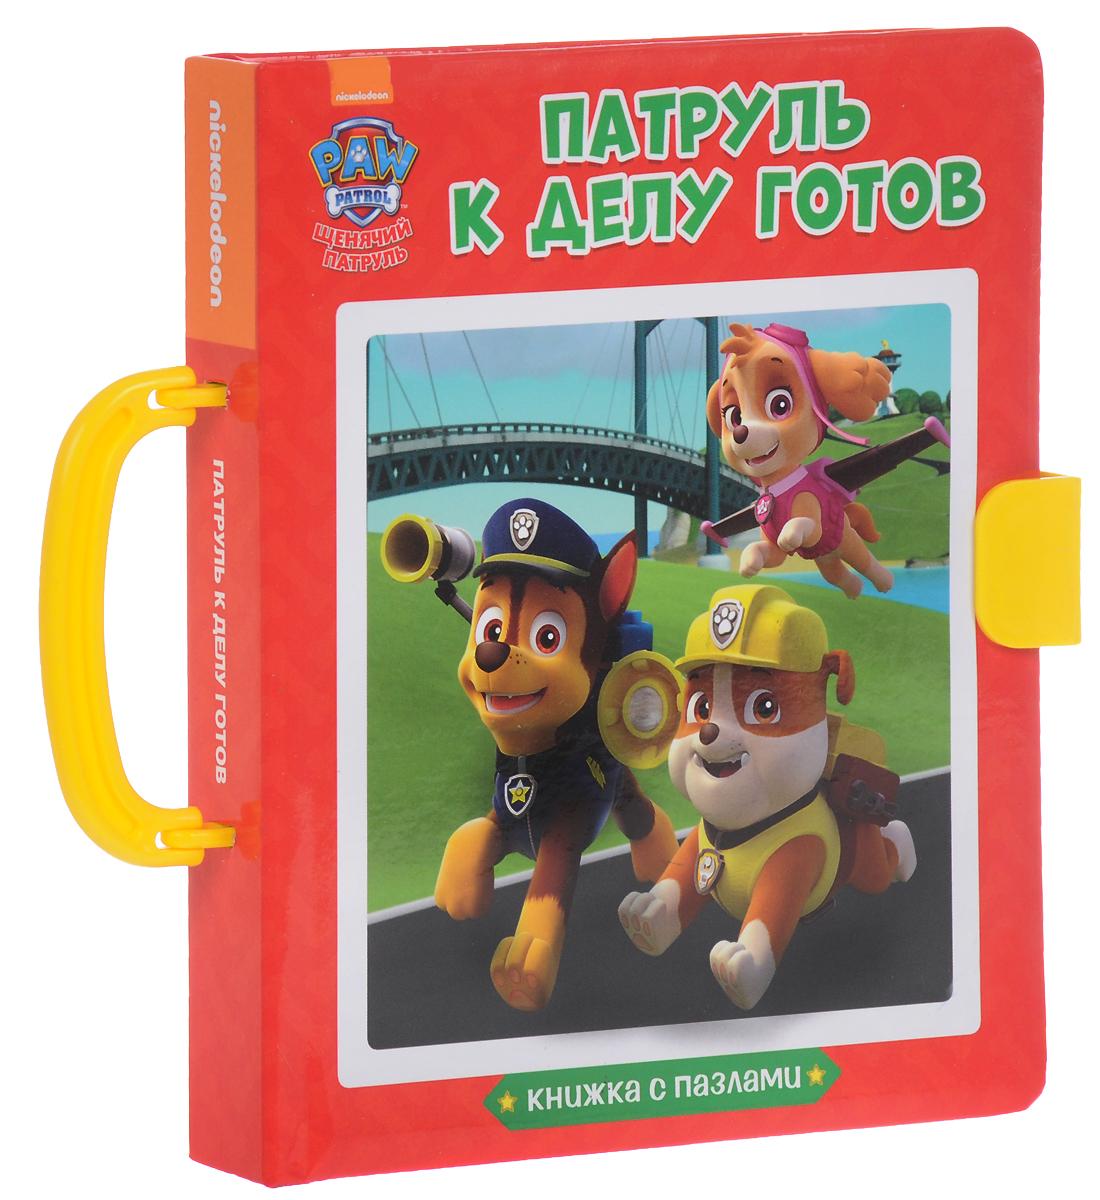 Zakazat.ru Патруль к делу готов. Книжка-игрушка. А. М. Купырина